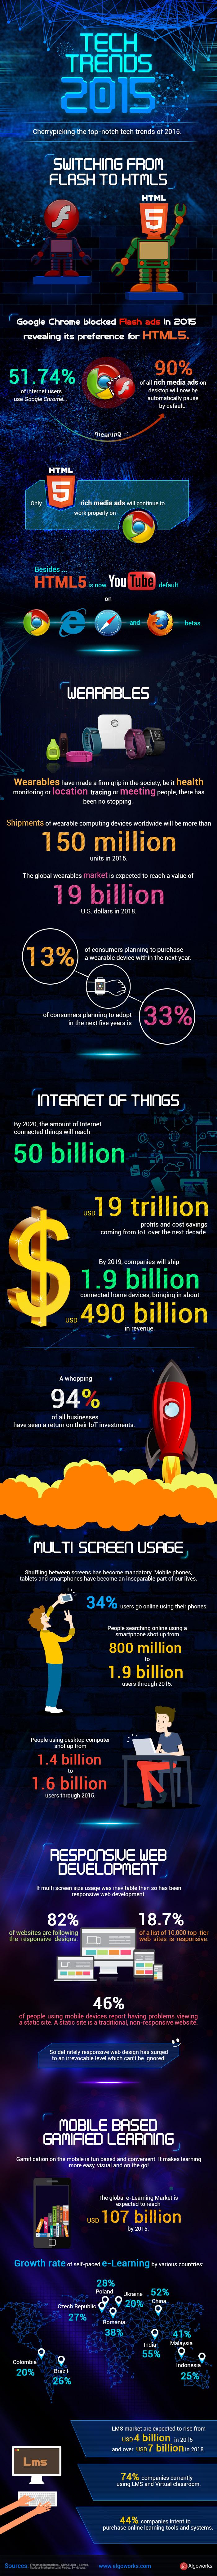 Tech Trends 2015 | An Infographic